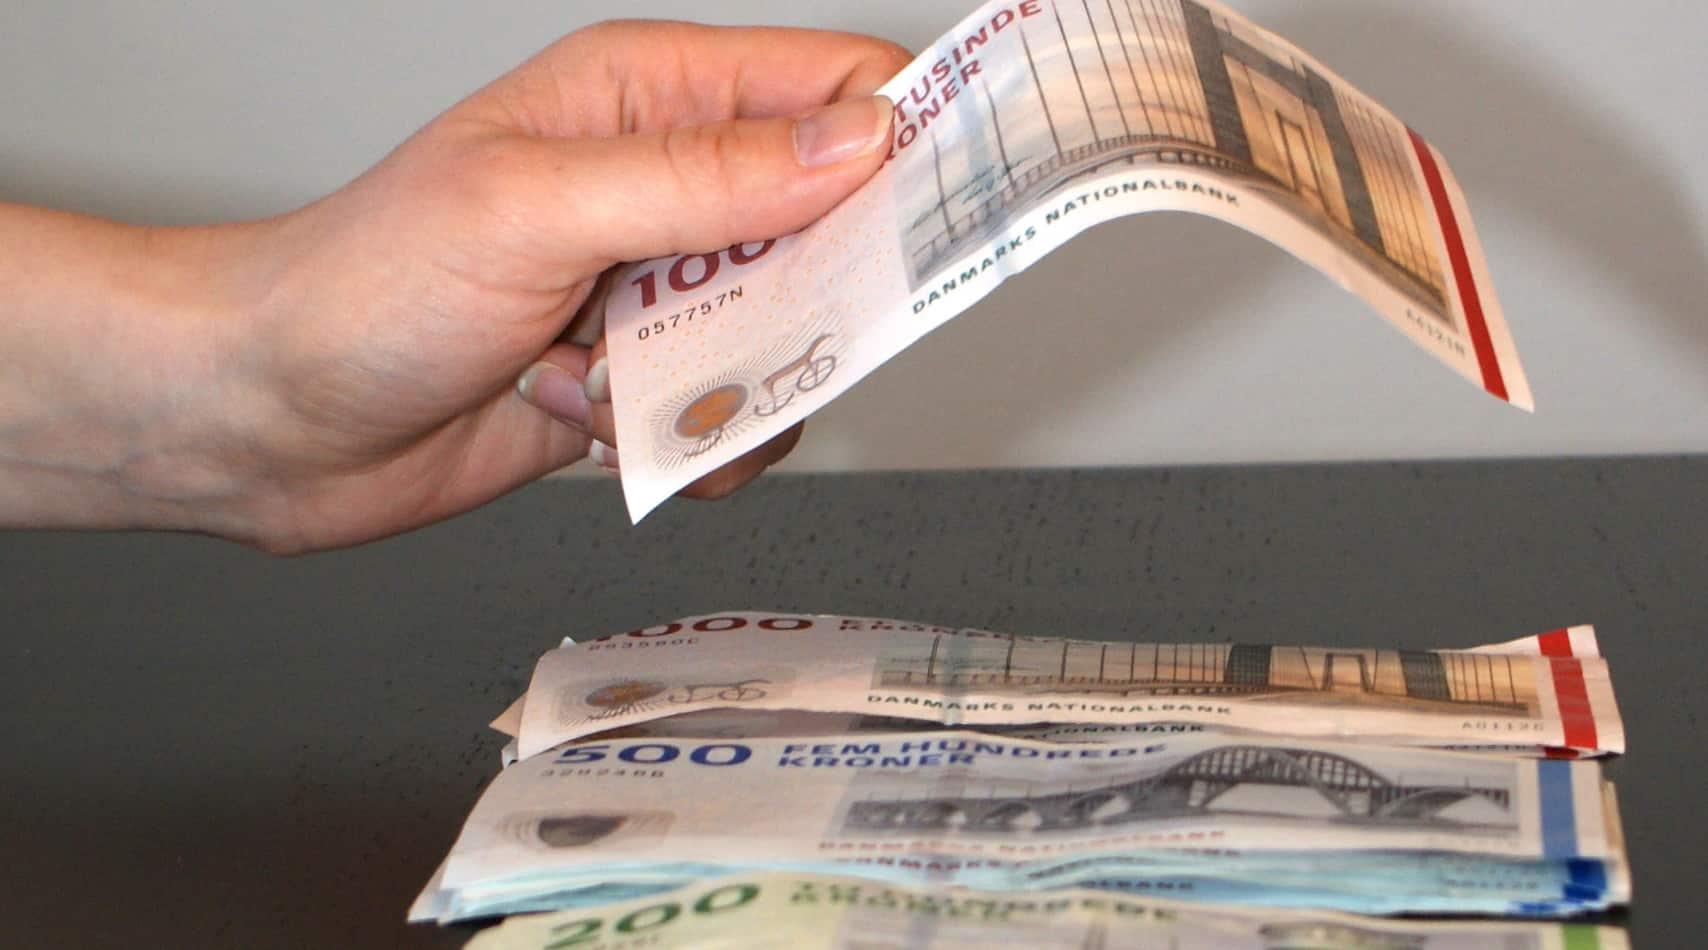 Hånd lægger penge